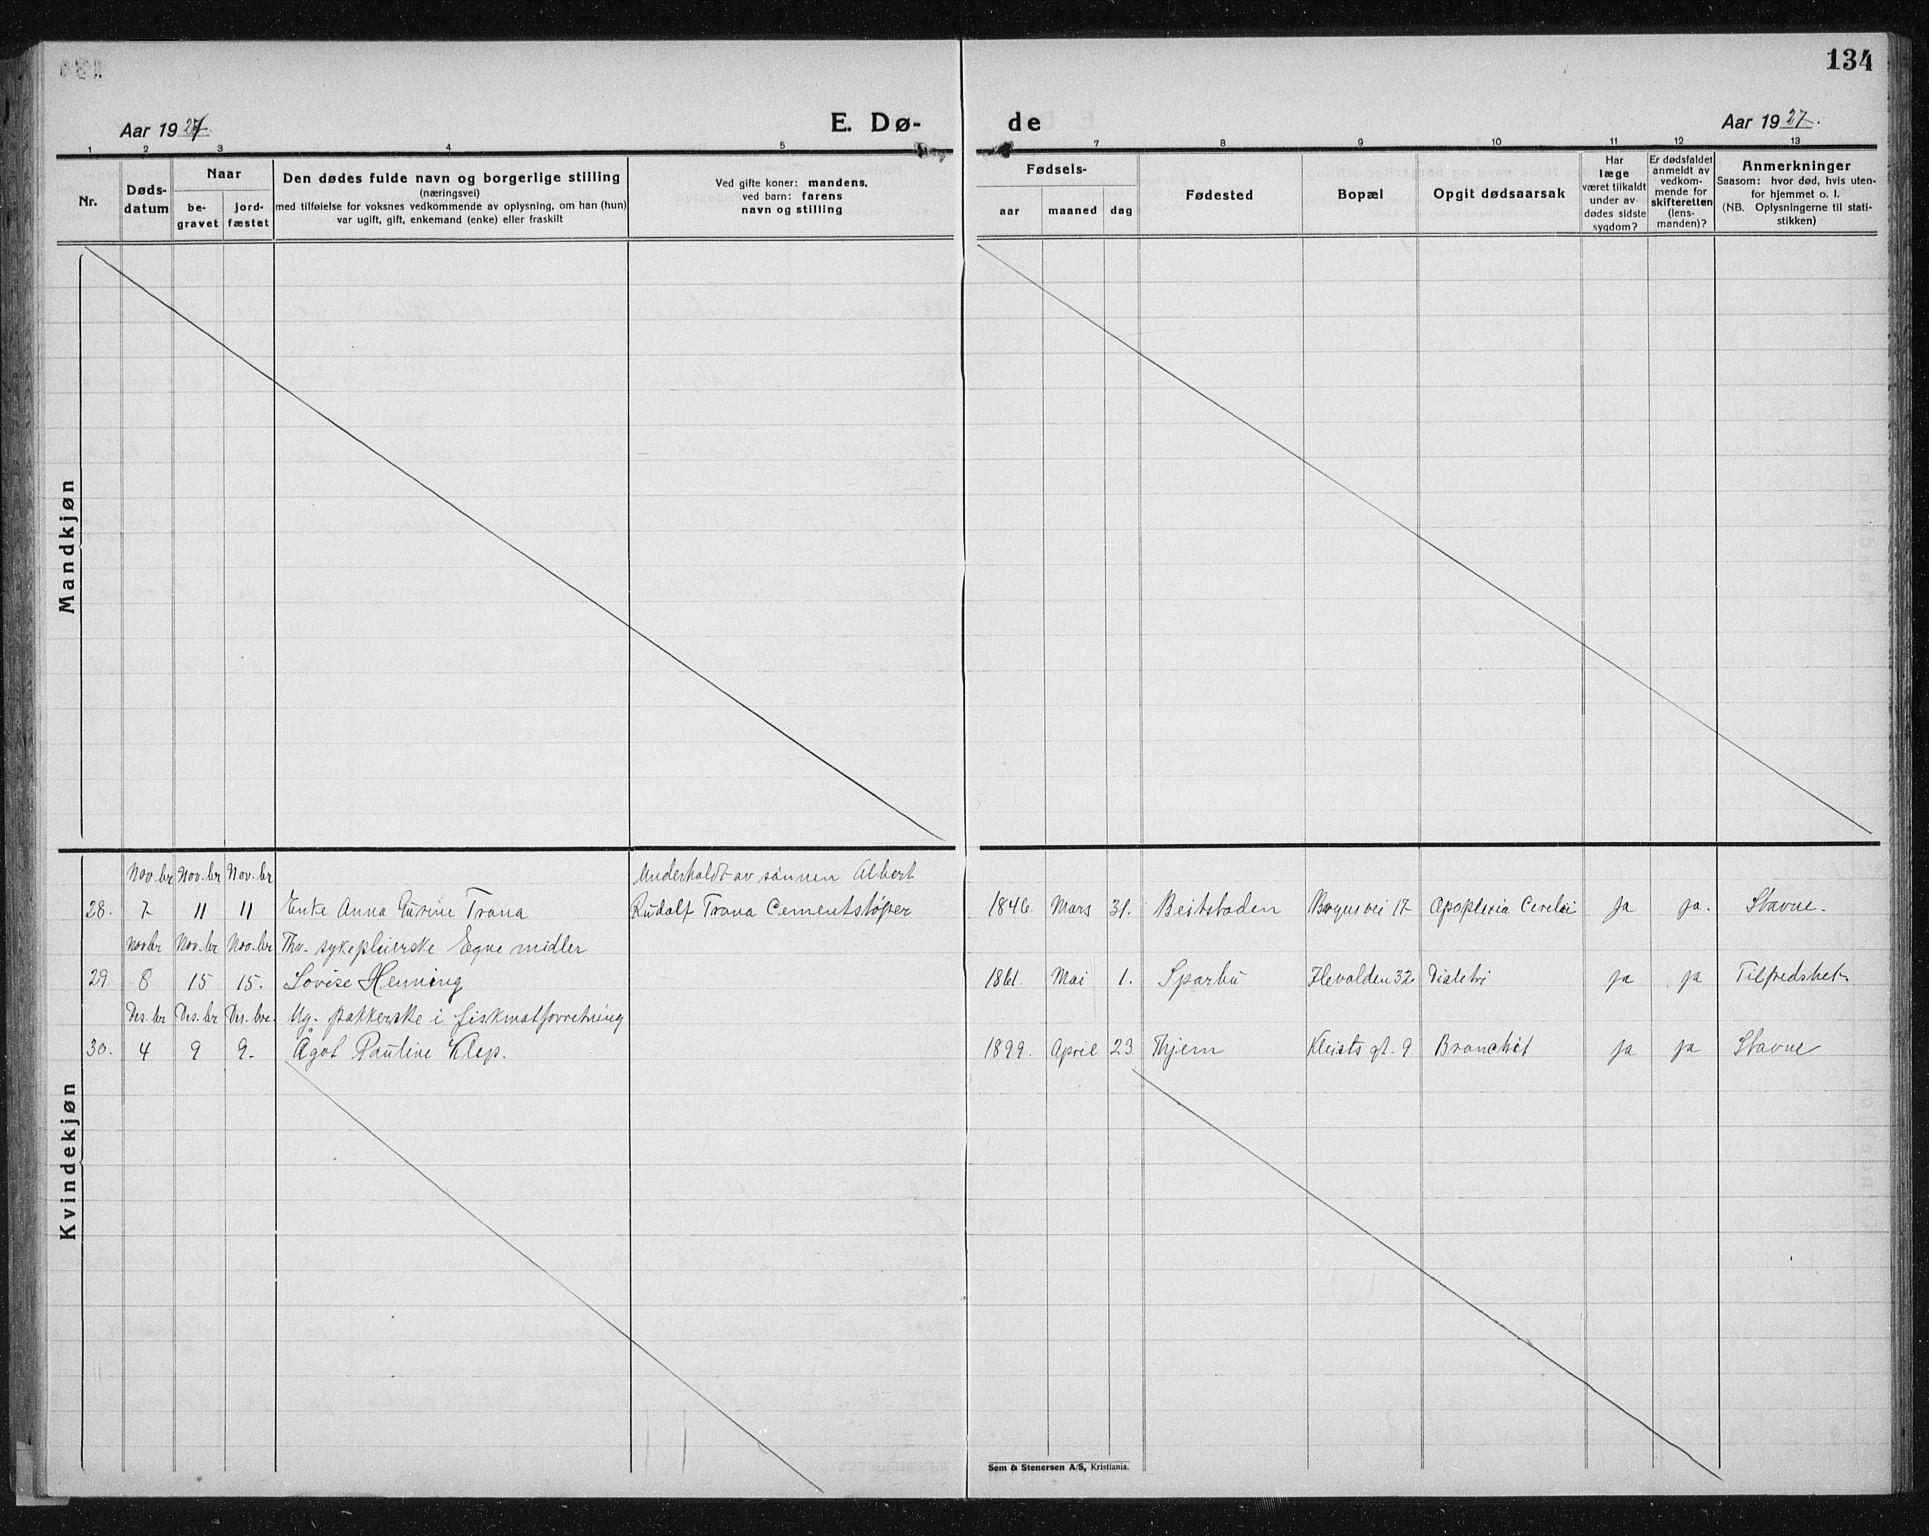 SAT, Ministerialprotokoller, klokkerbøker og fødselsregistre - Sør-Trøndelag, 603/L0176: Klokkerbok nr. 603C04, 1923-1941, s. 134